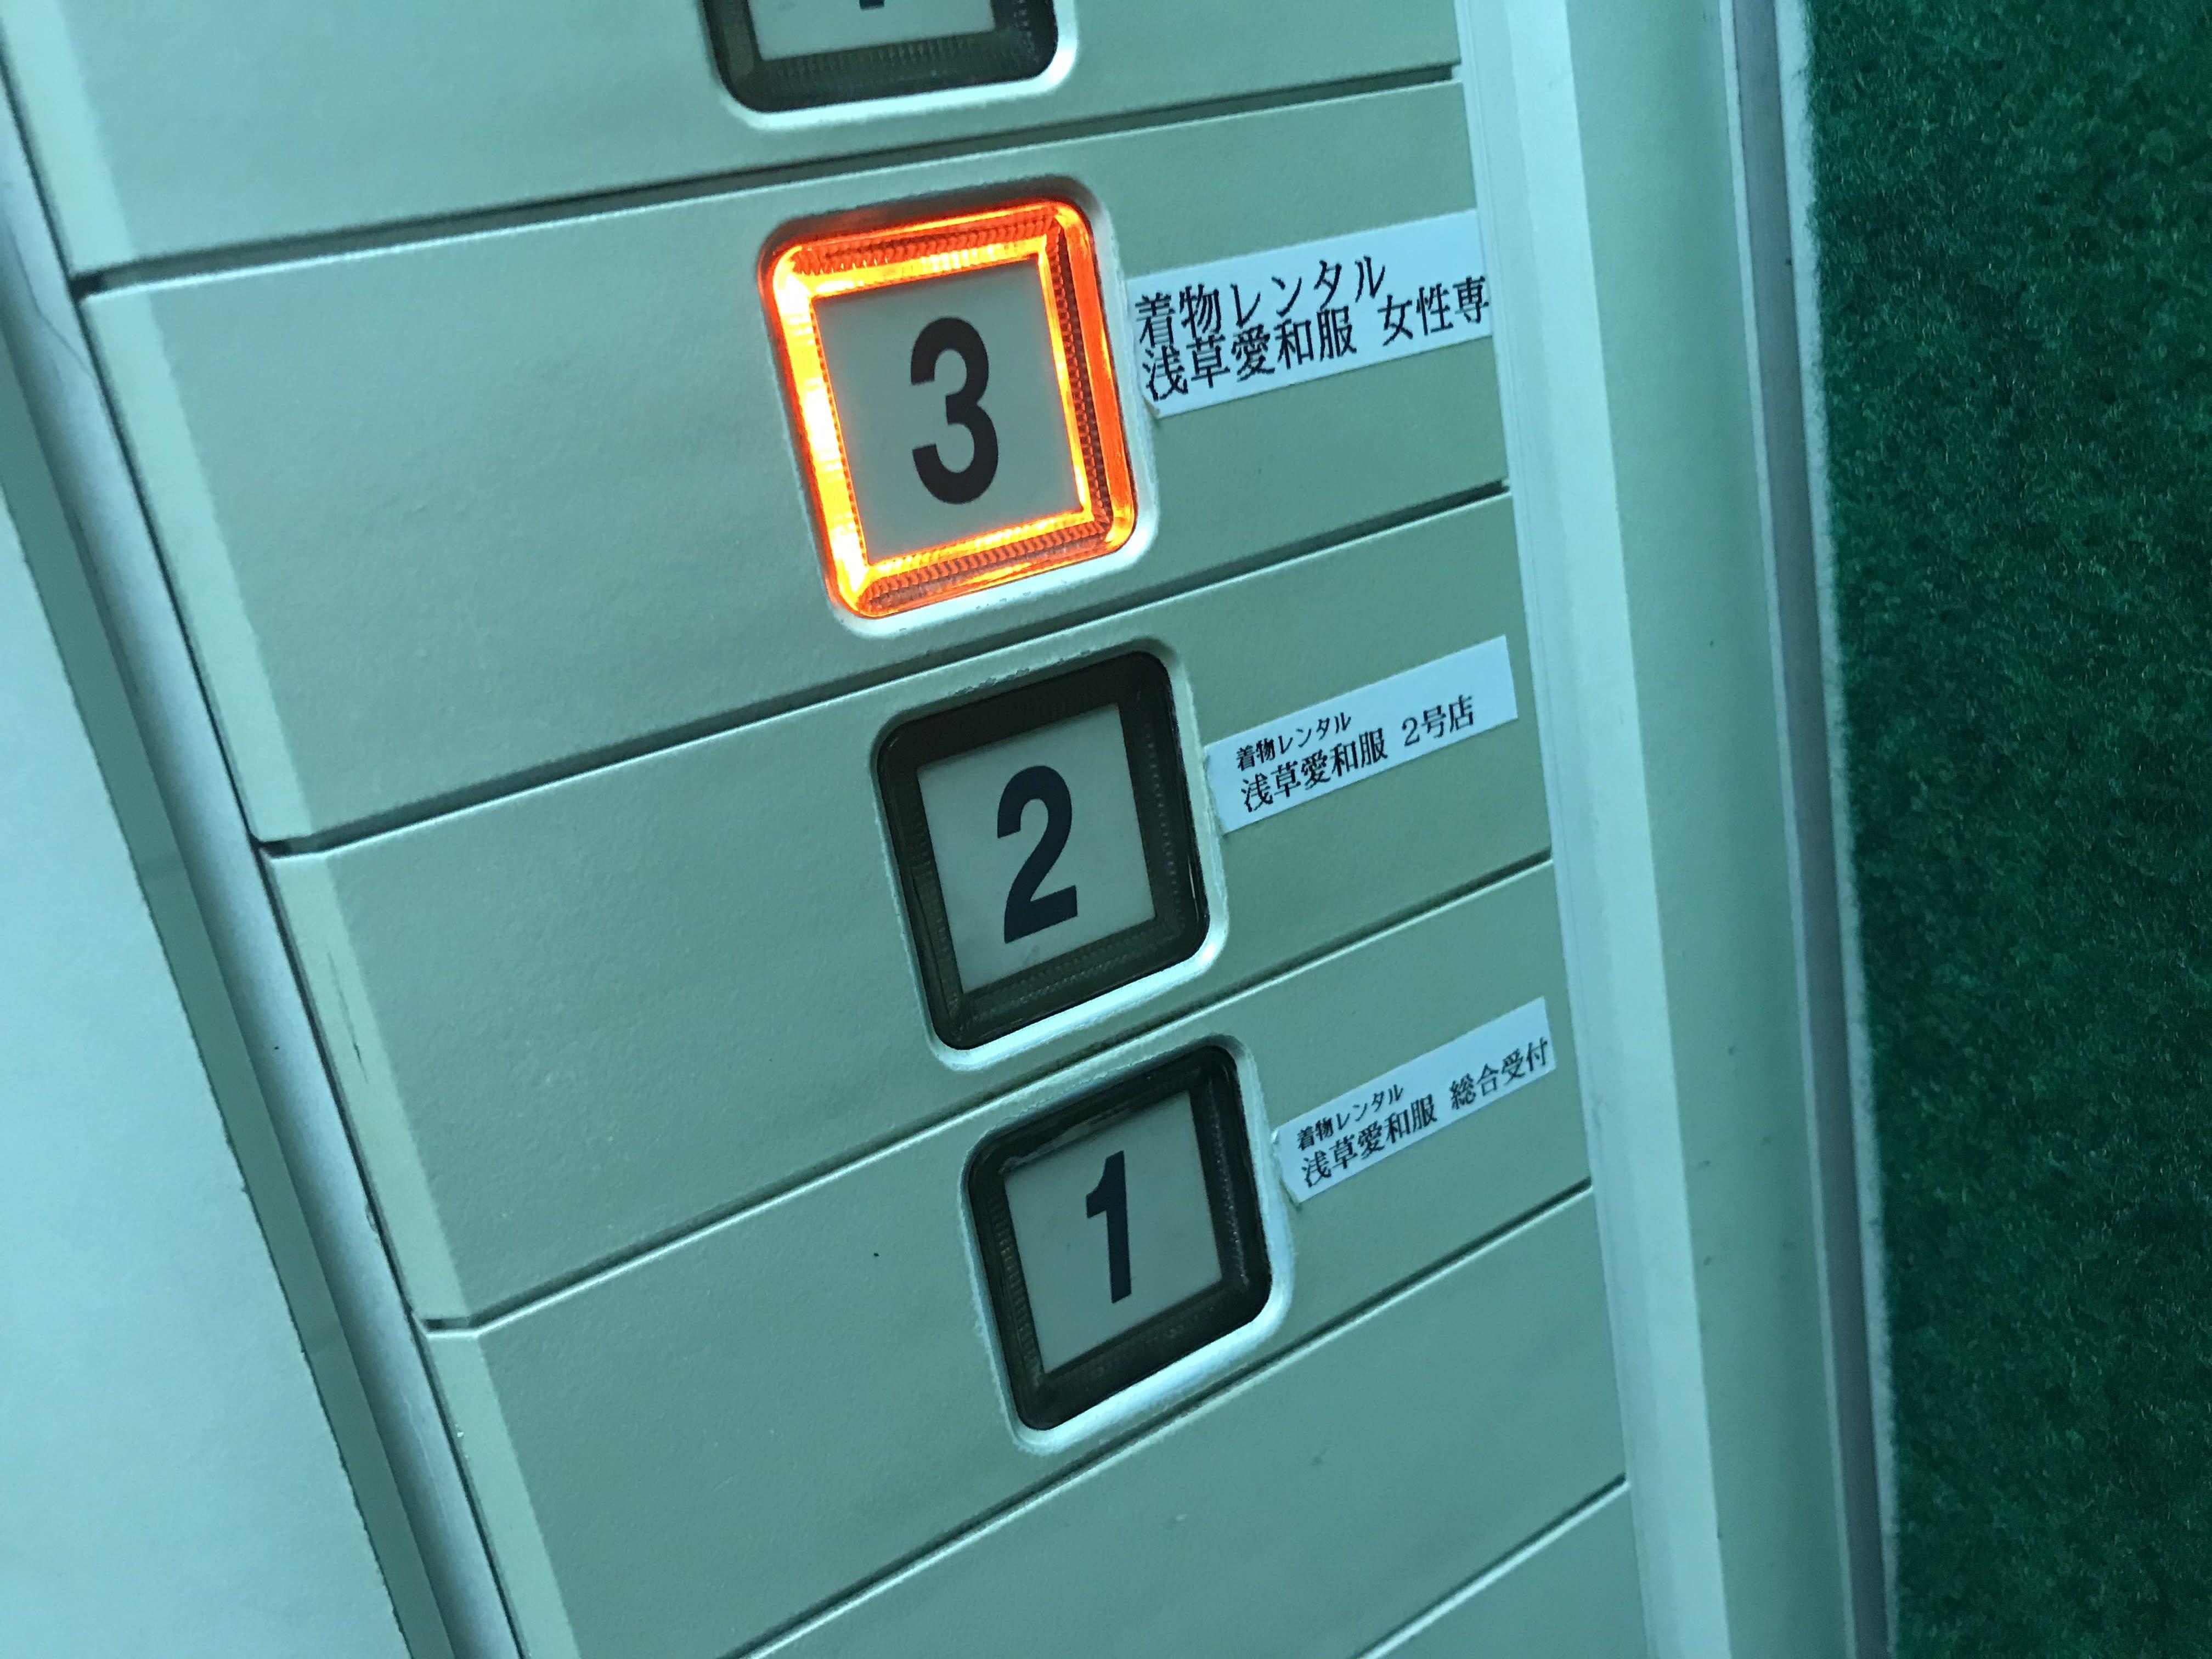 在二樓挑選完服飾之後,就可以到三樓去換裝了。圖片取自:Ann Shih。